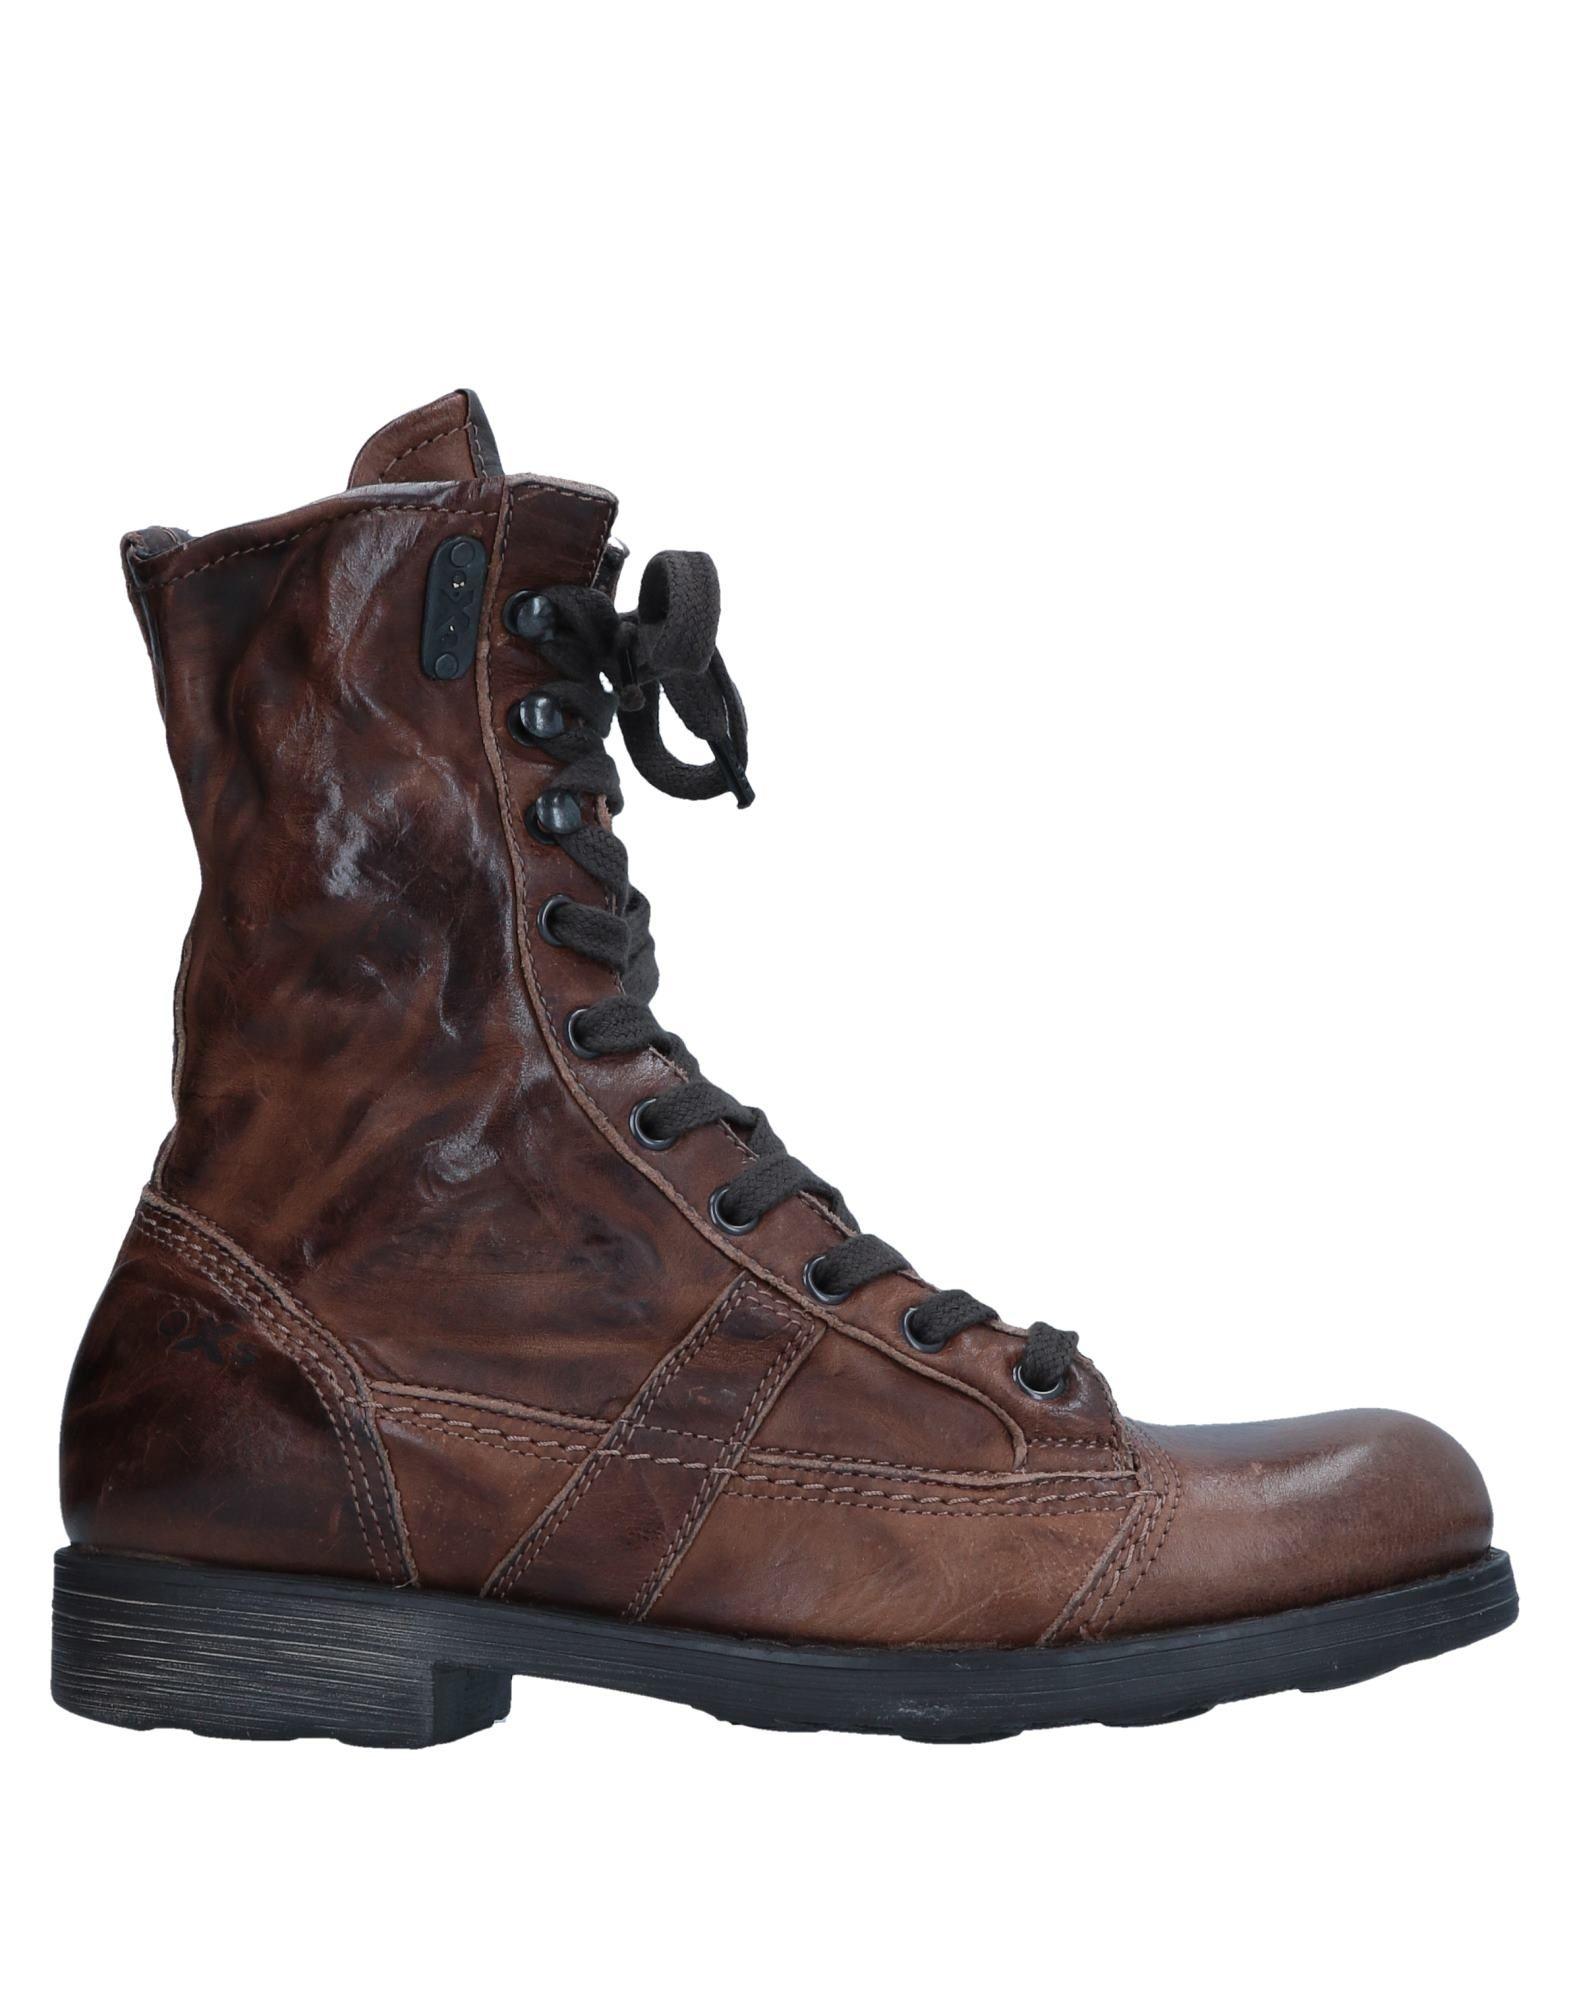 O.X.S. Stiefelette Herren  11549167NF Gute Qualität beliebte Schuhe